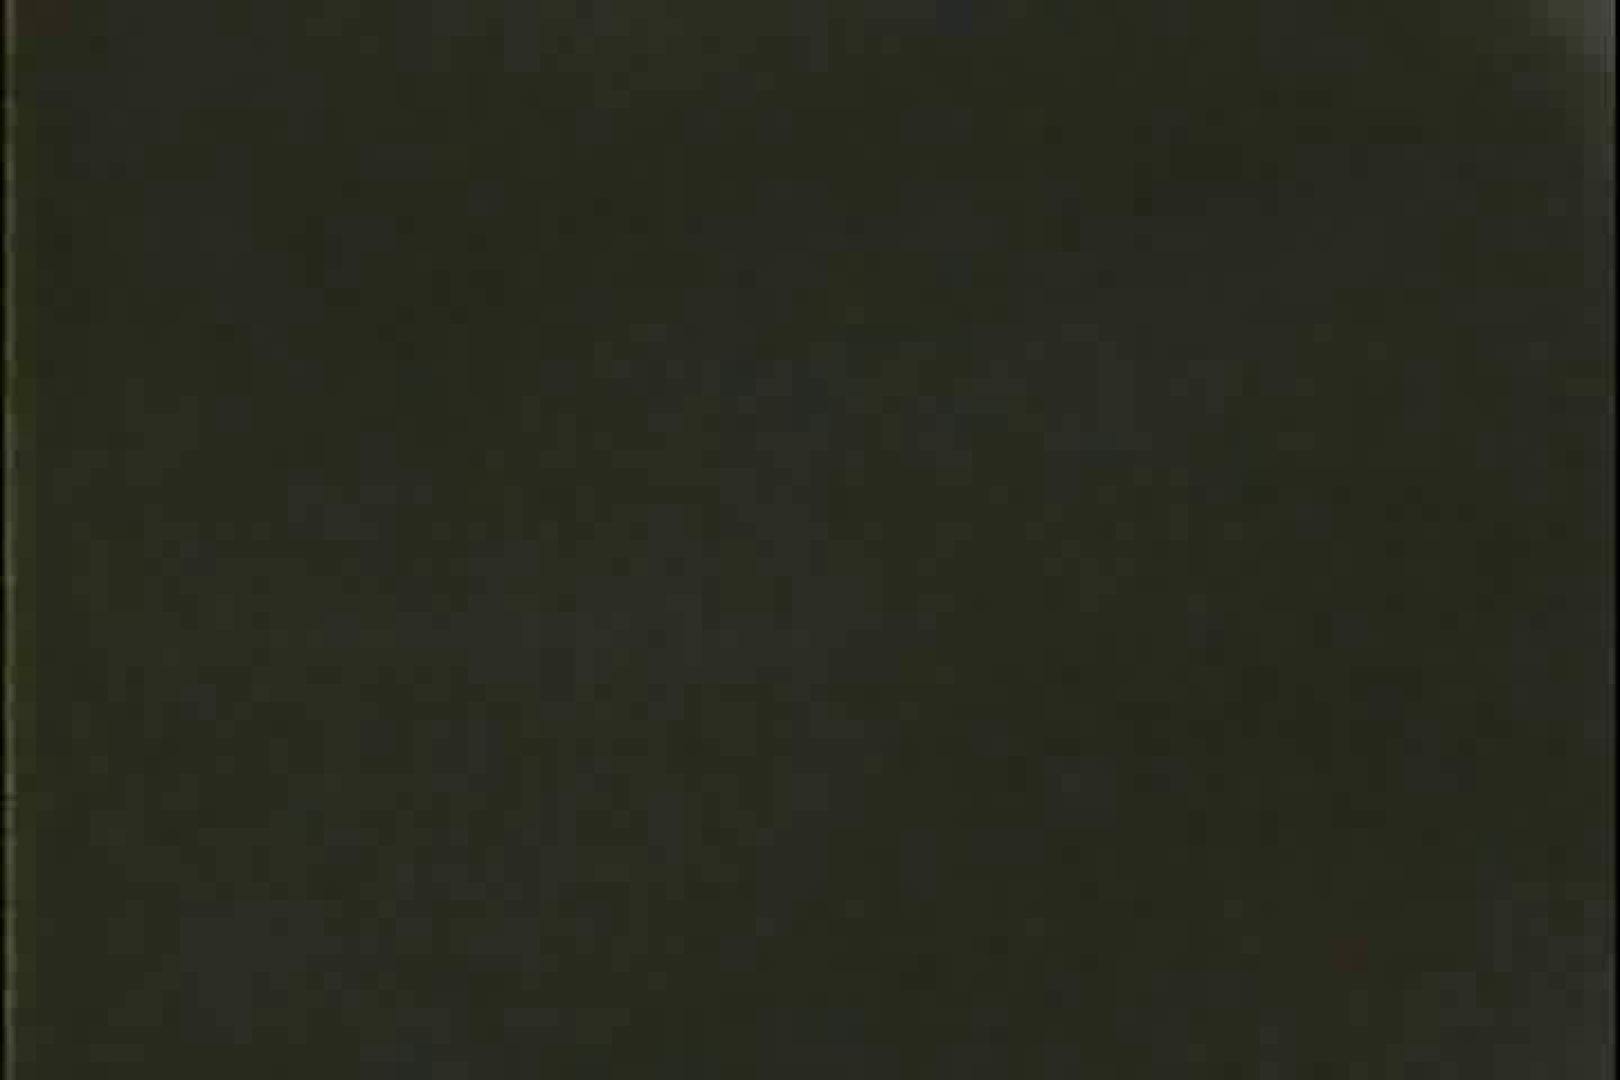 「ちくりん」さんのオリジナル未編集パンチラVol.5_02 パンチラ  57連発 54